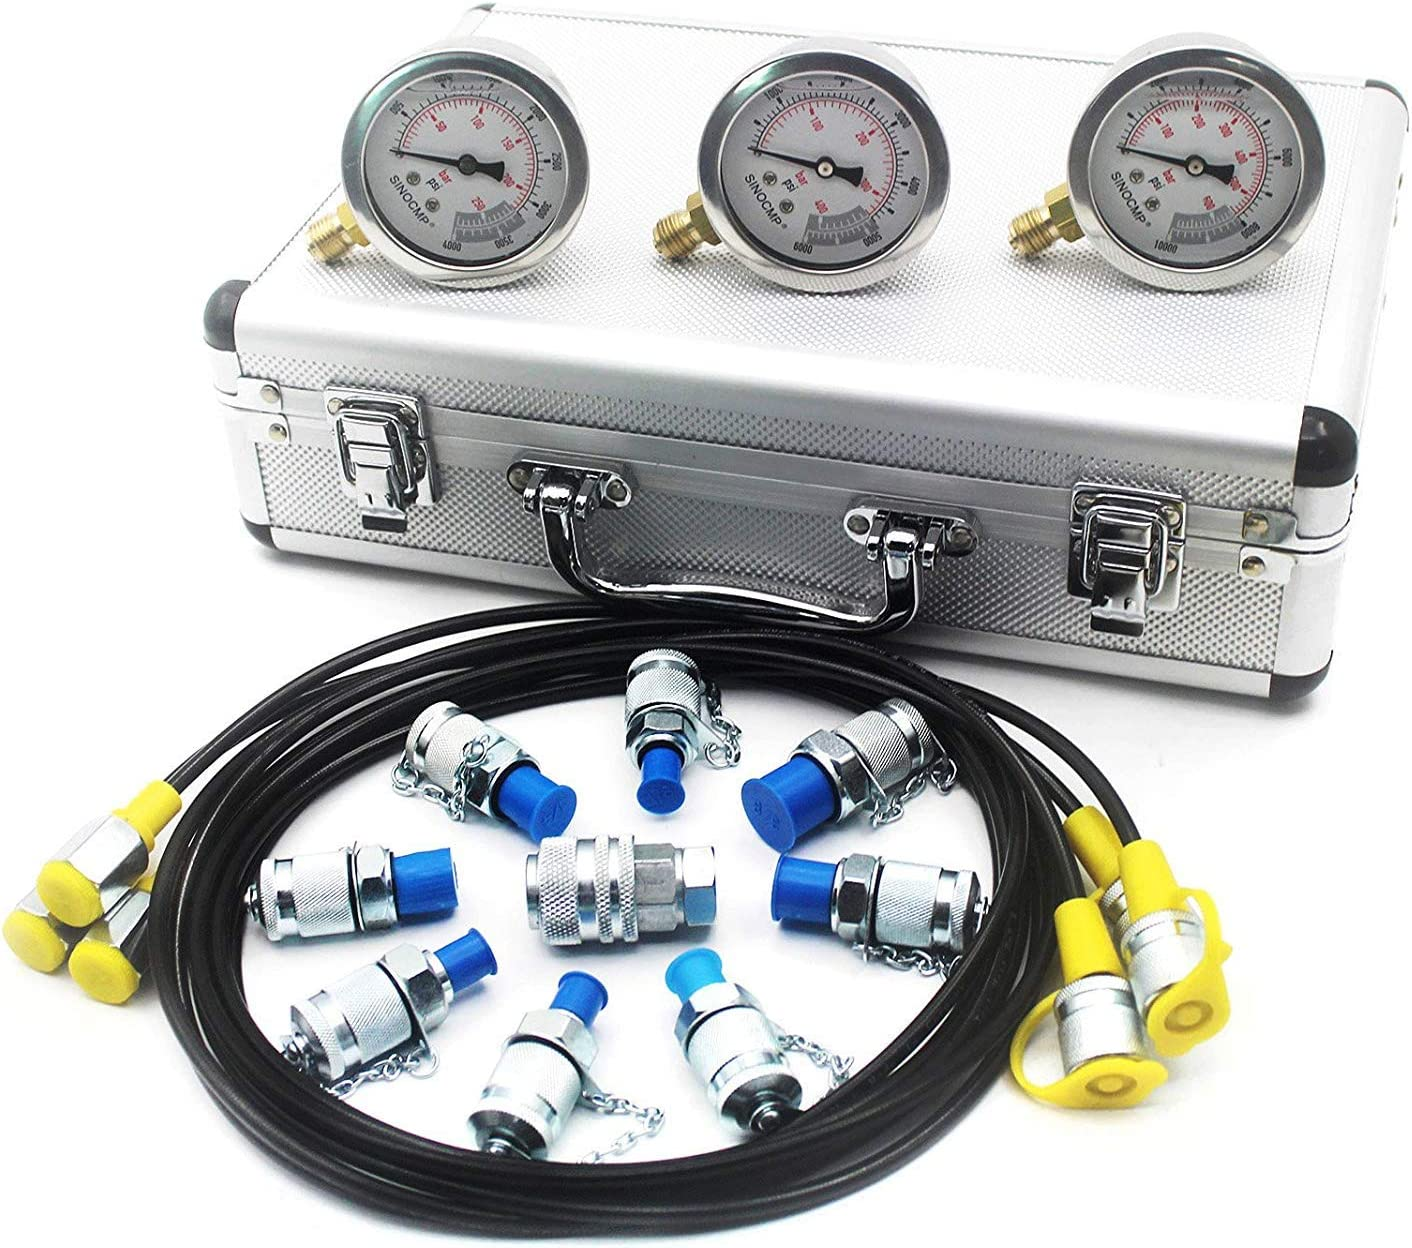 Hydraulic Pressure Test Kit - SINOCMP Hydraulic Test Gauge Kit Pressure Gauge Used for Excavators, 2 Years Warranty